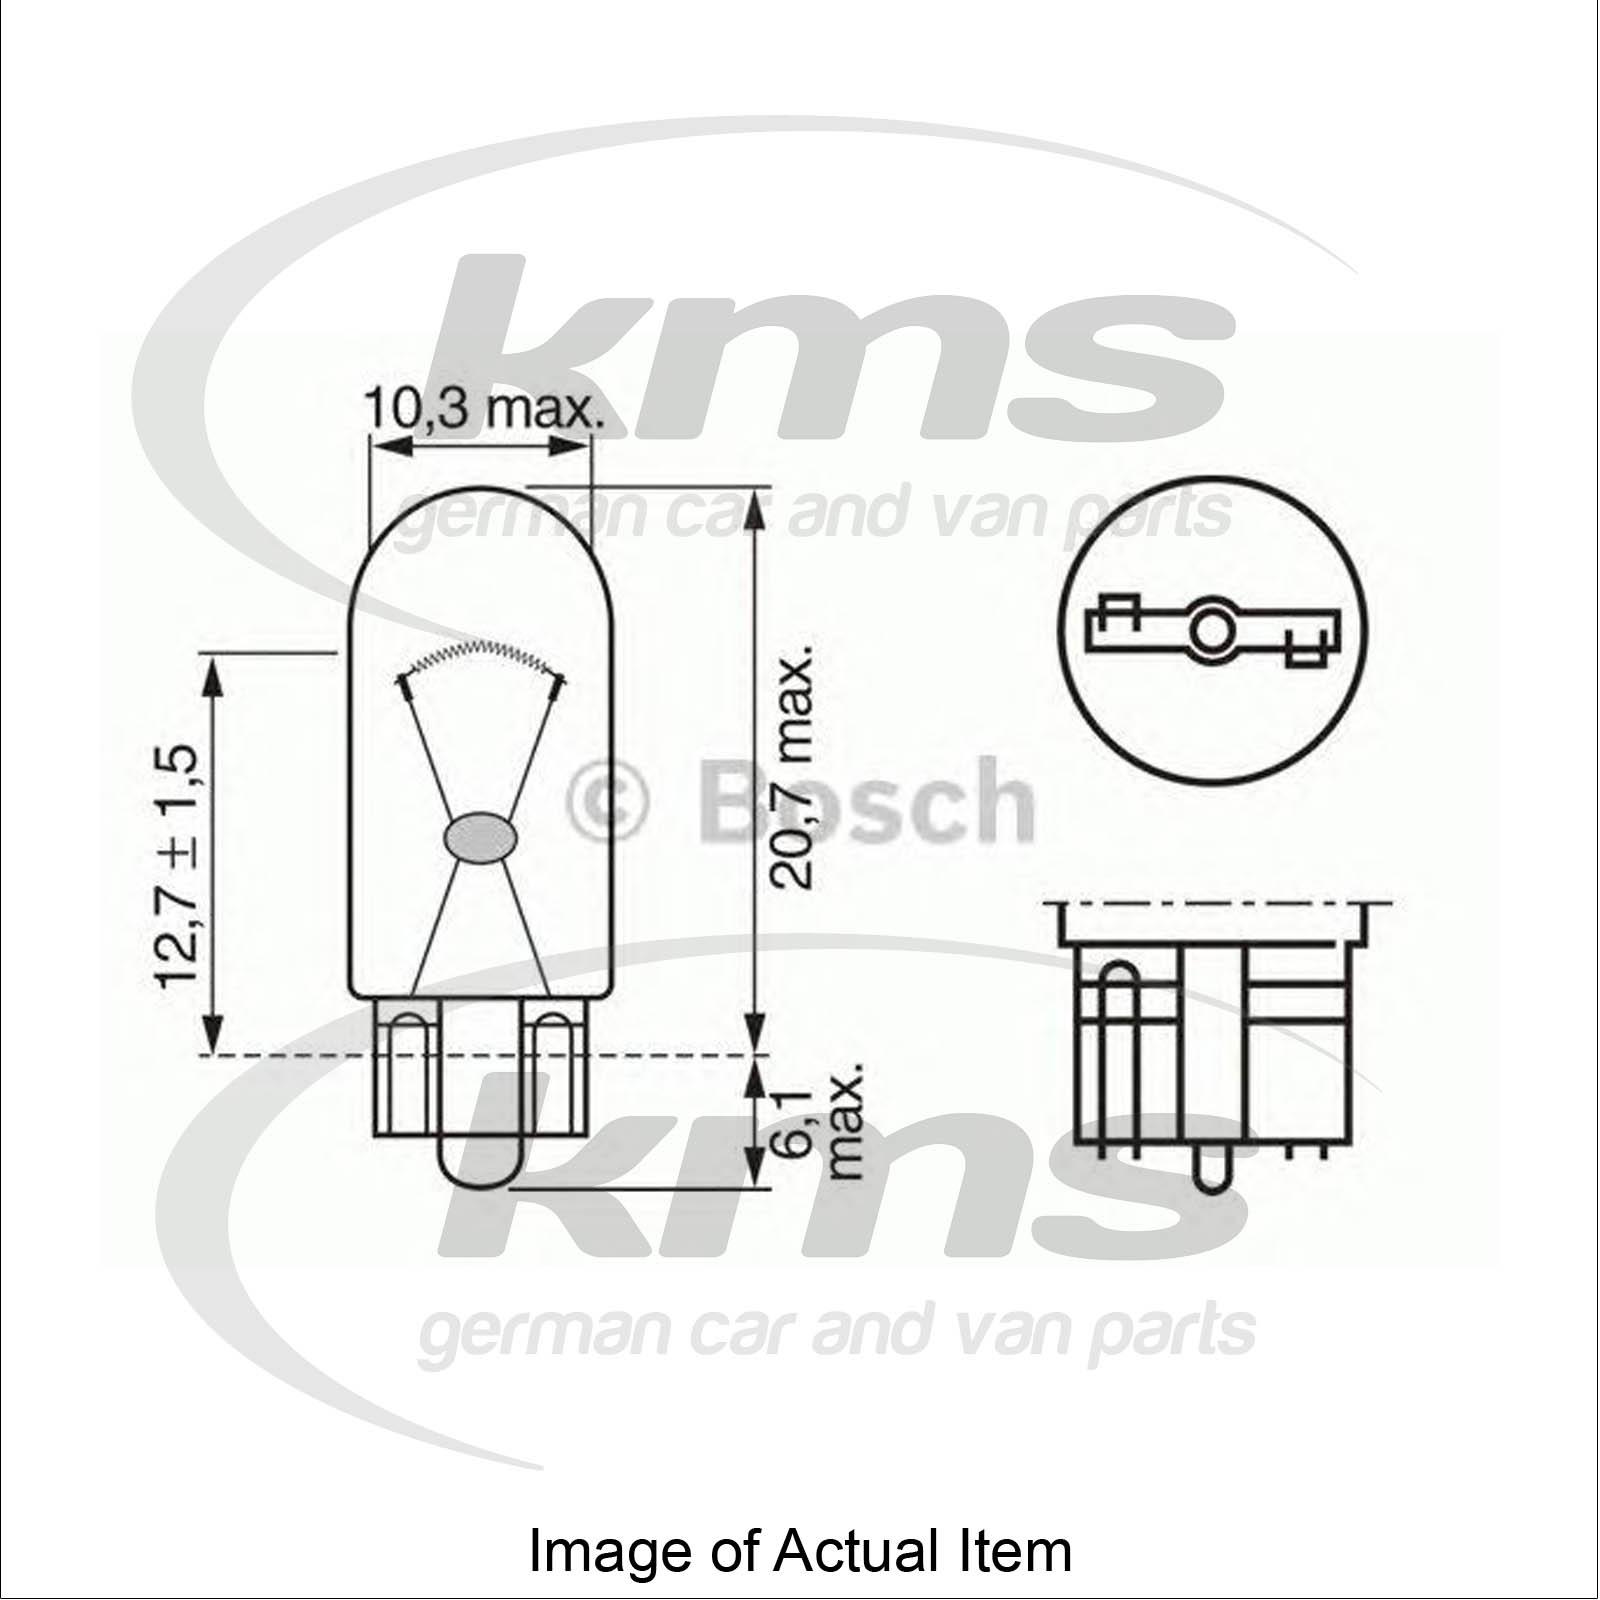 Bulb For Parking Position Light Vw Golf Mk Iii 1h1 1 9 D Hatchback 65 Bhp Top